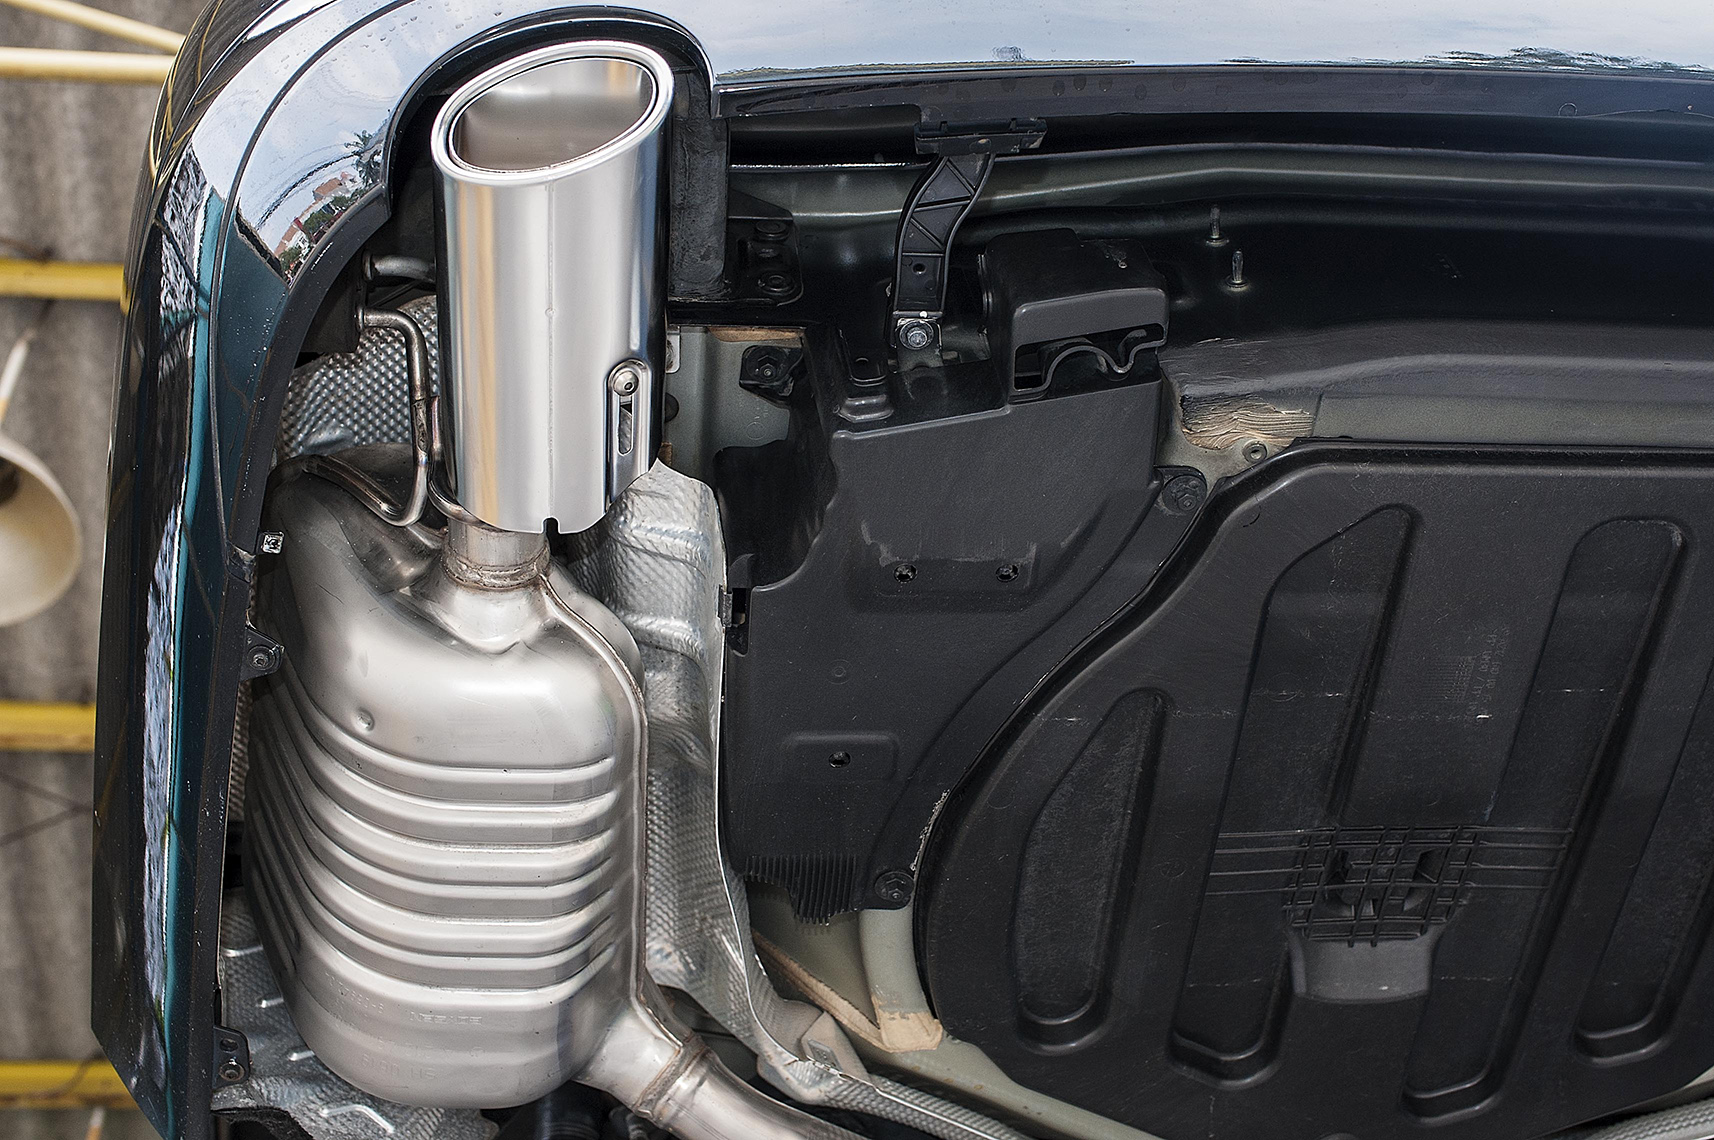 Mercedes Benz W212 E300 for Cquartz Finest Coating